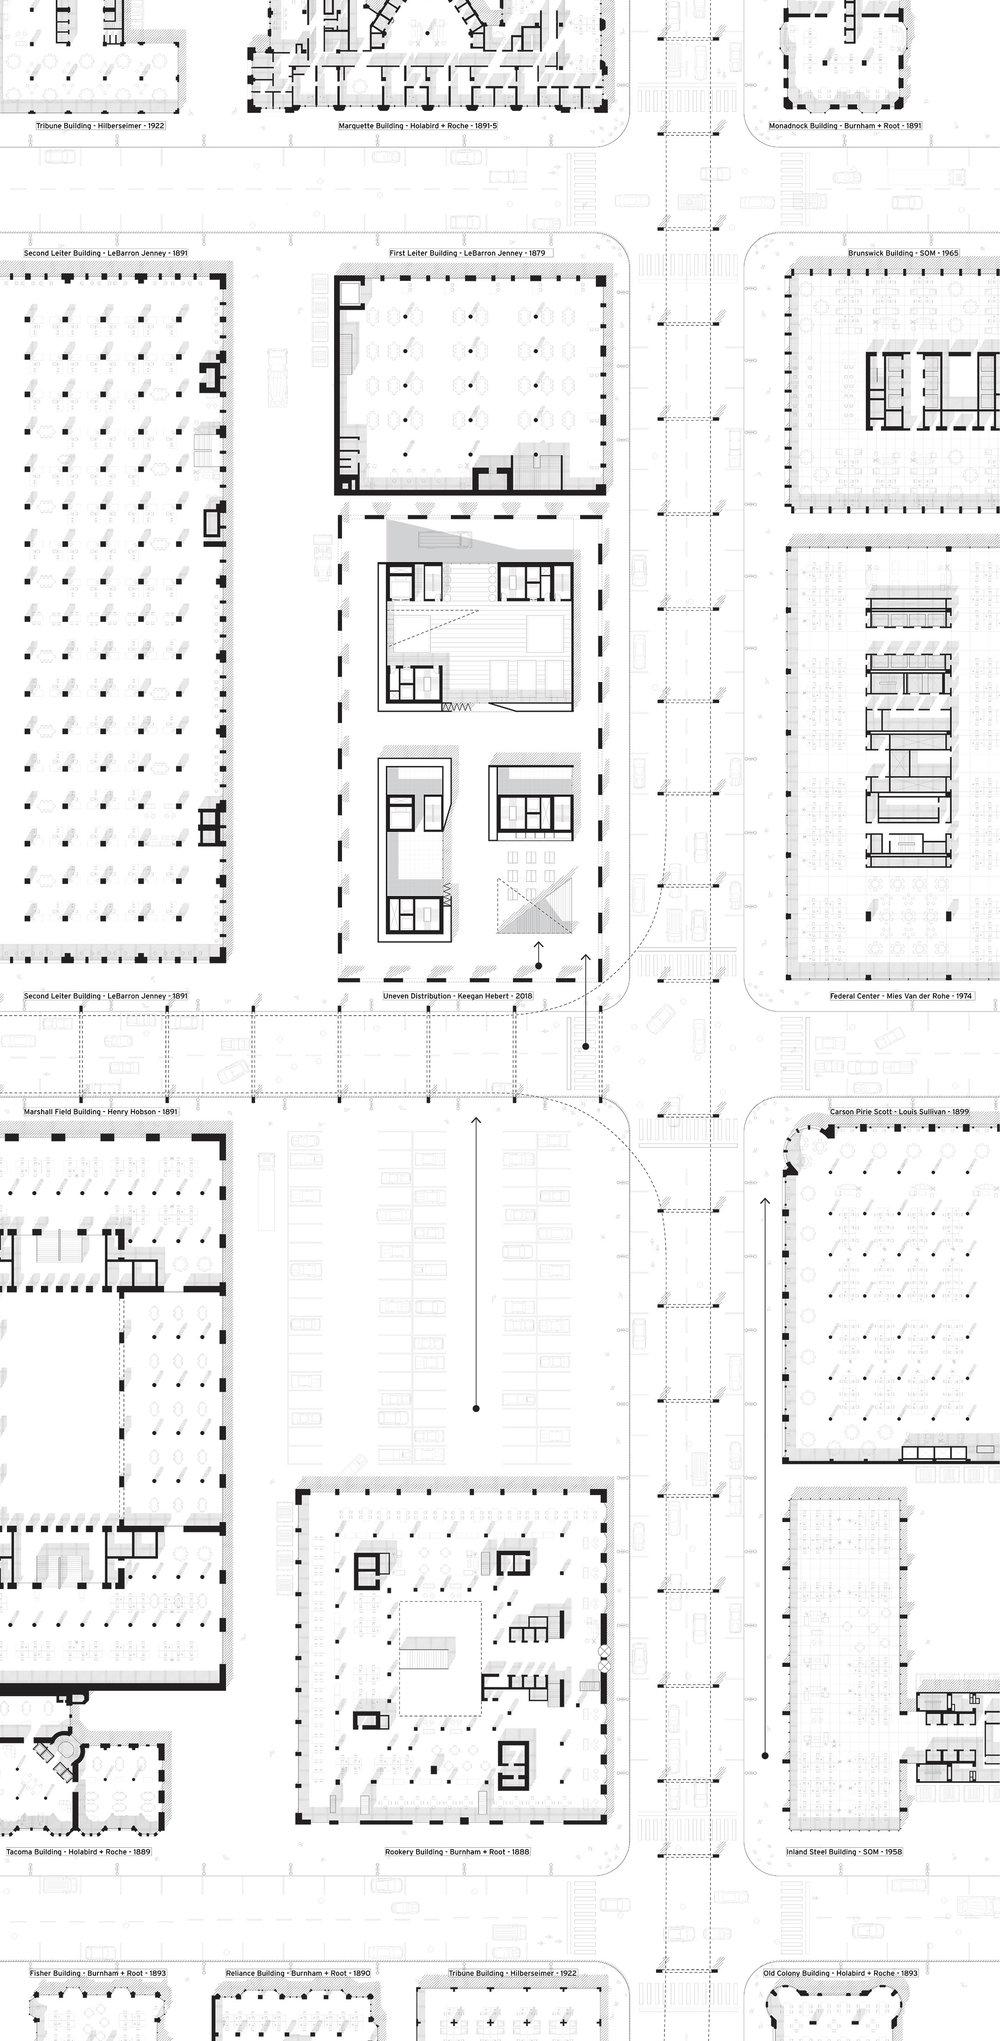 Keegan Hebert Uneven Distribution Site Plan